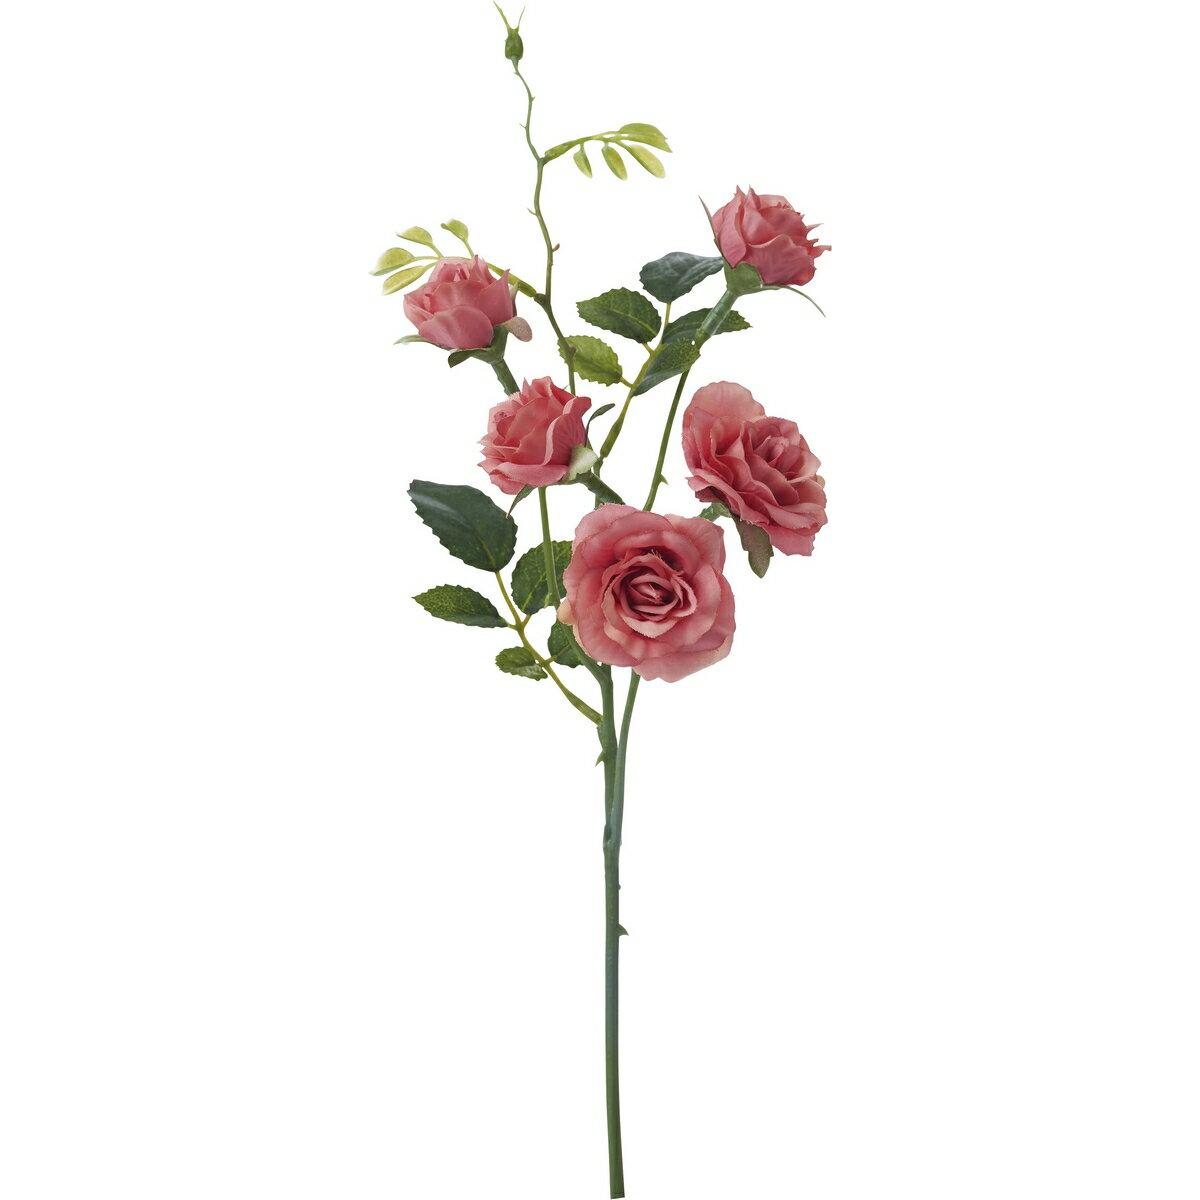 即日 【造花】YDM/スウィートローズ ピンクグリーン/FFH-0023-P/G